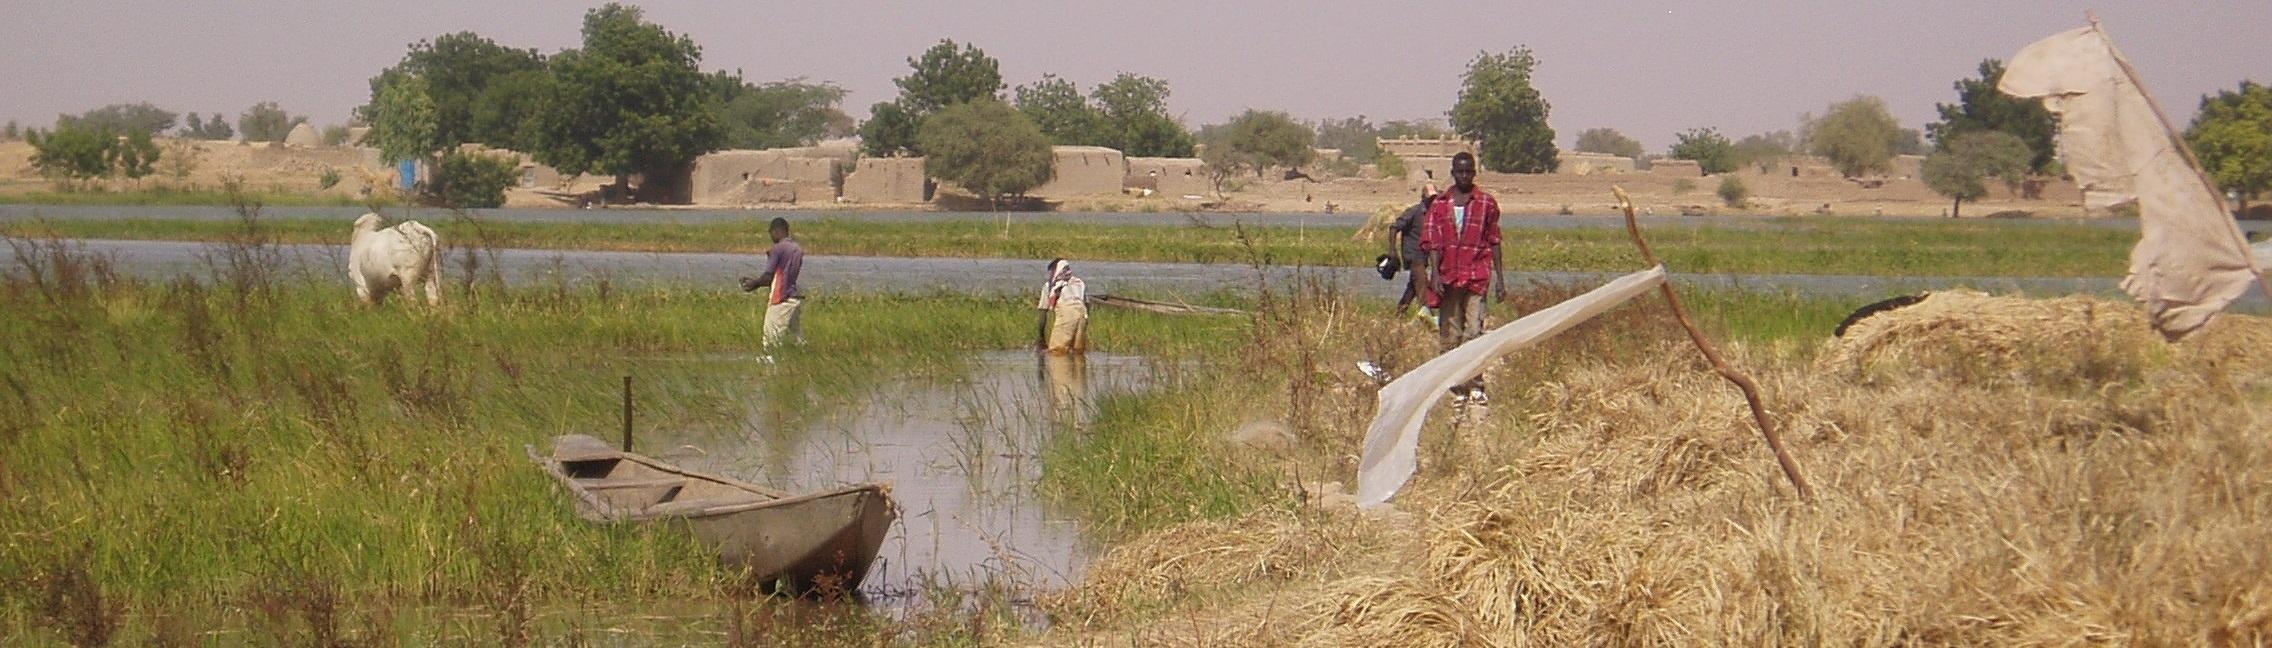 Cadre Régional de Concertation des Organisations de Producteurs de Riz d'Afrique de l'Ouest (CRCOPR)